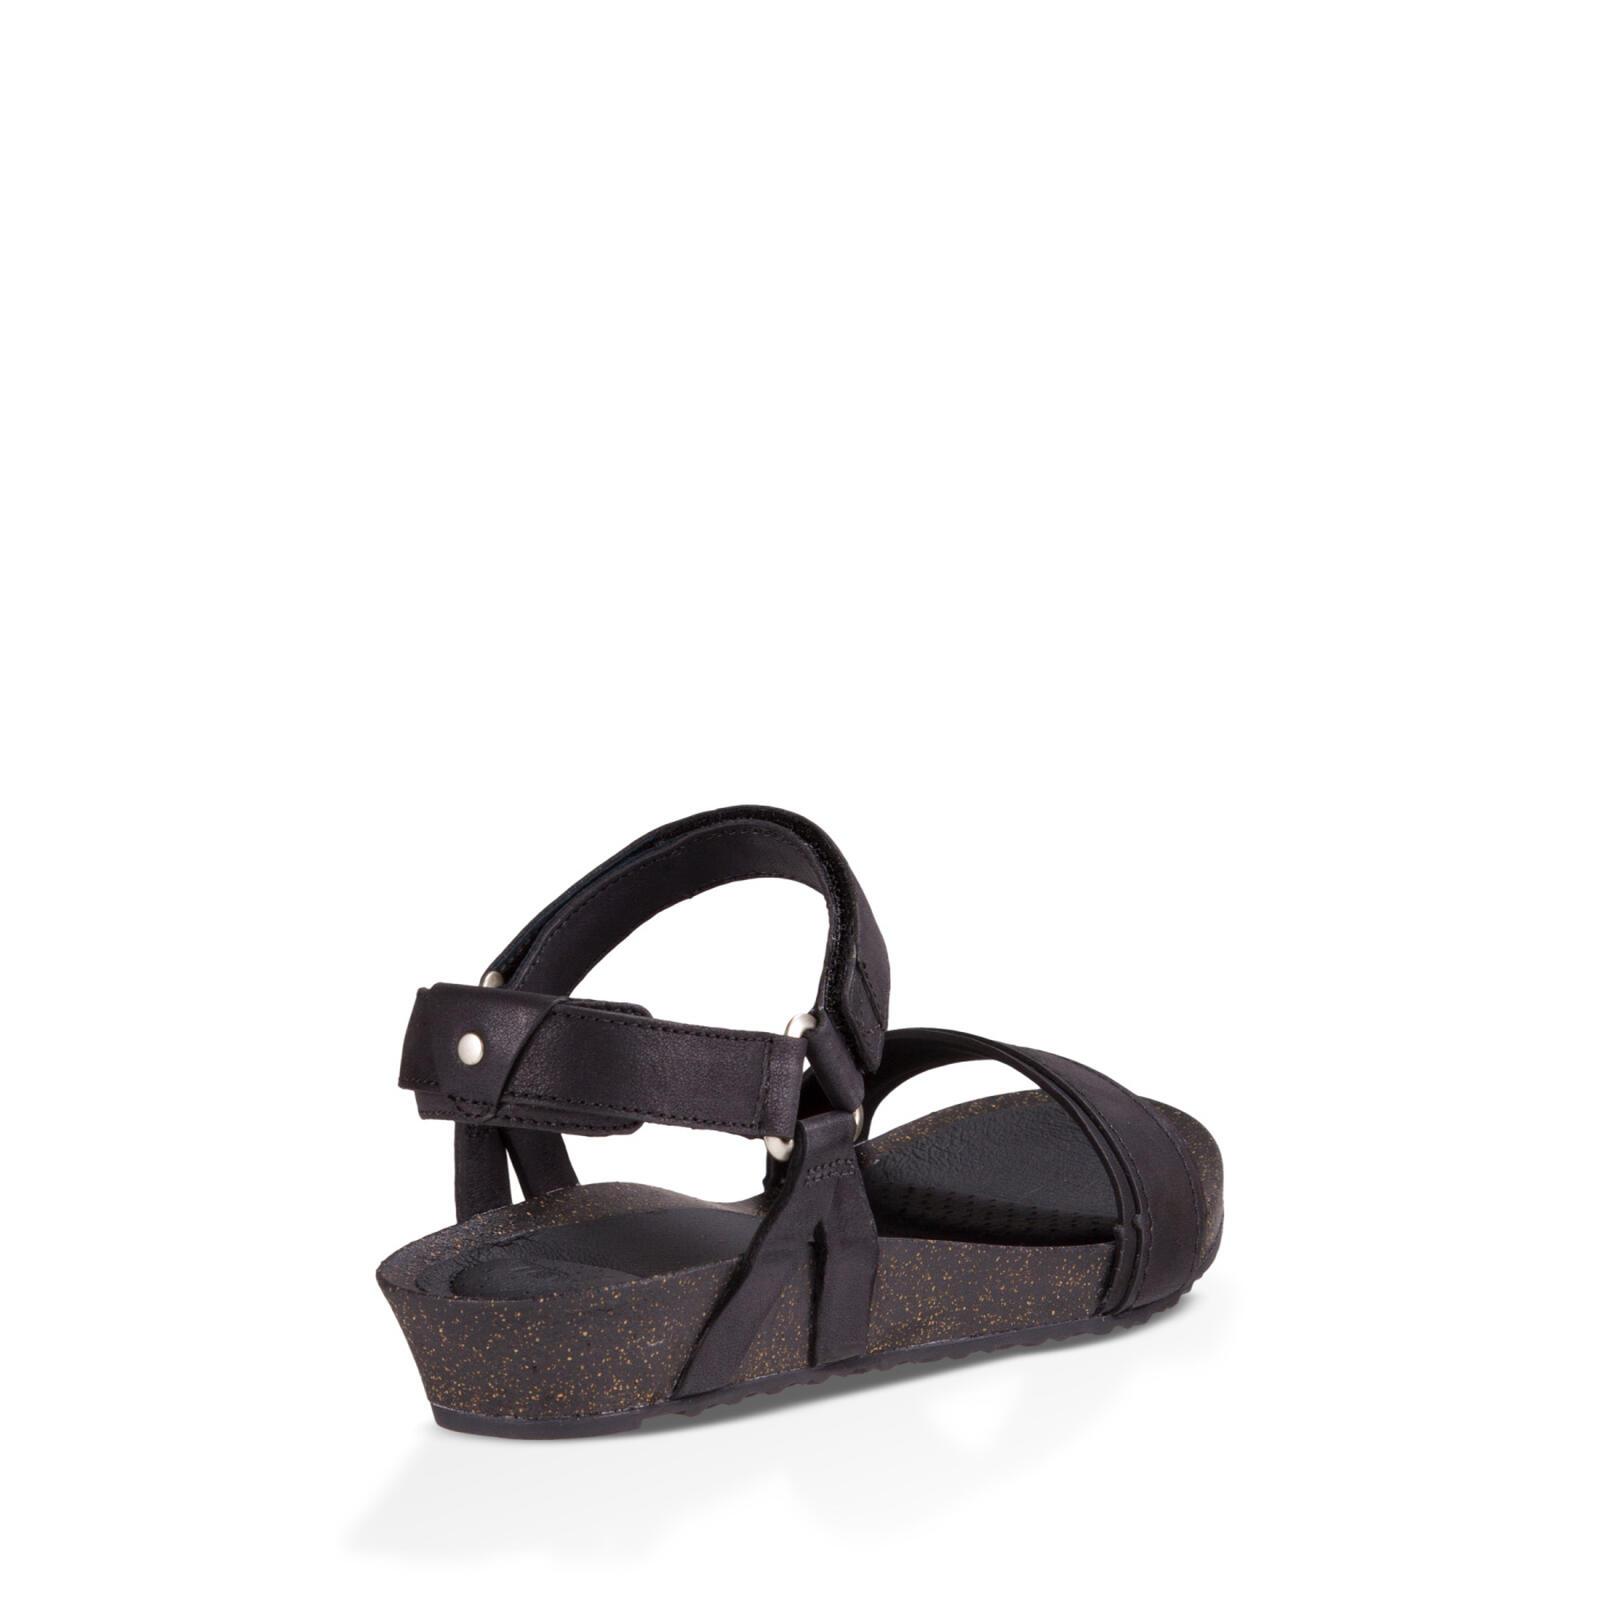 Ysidro Stitch Sandal